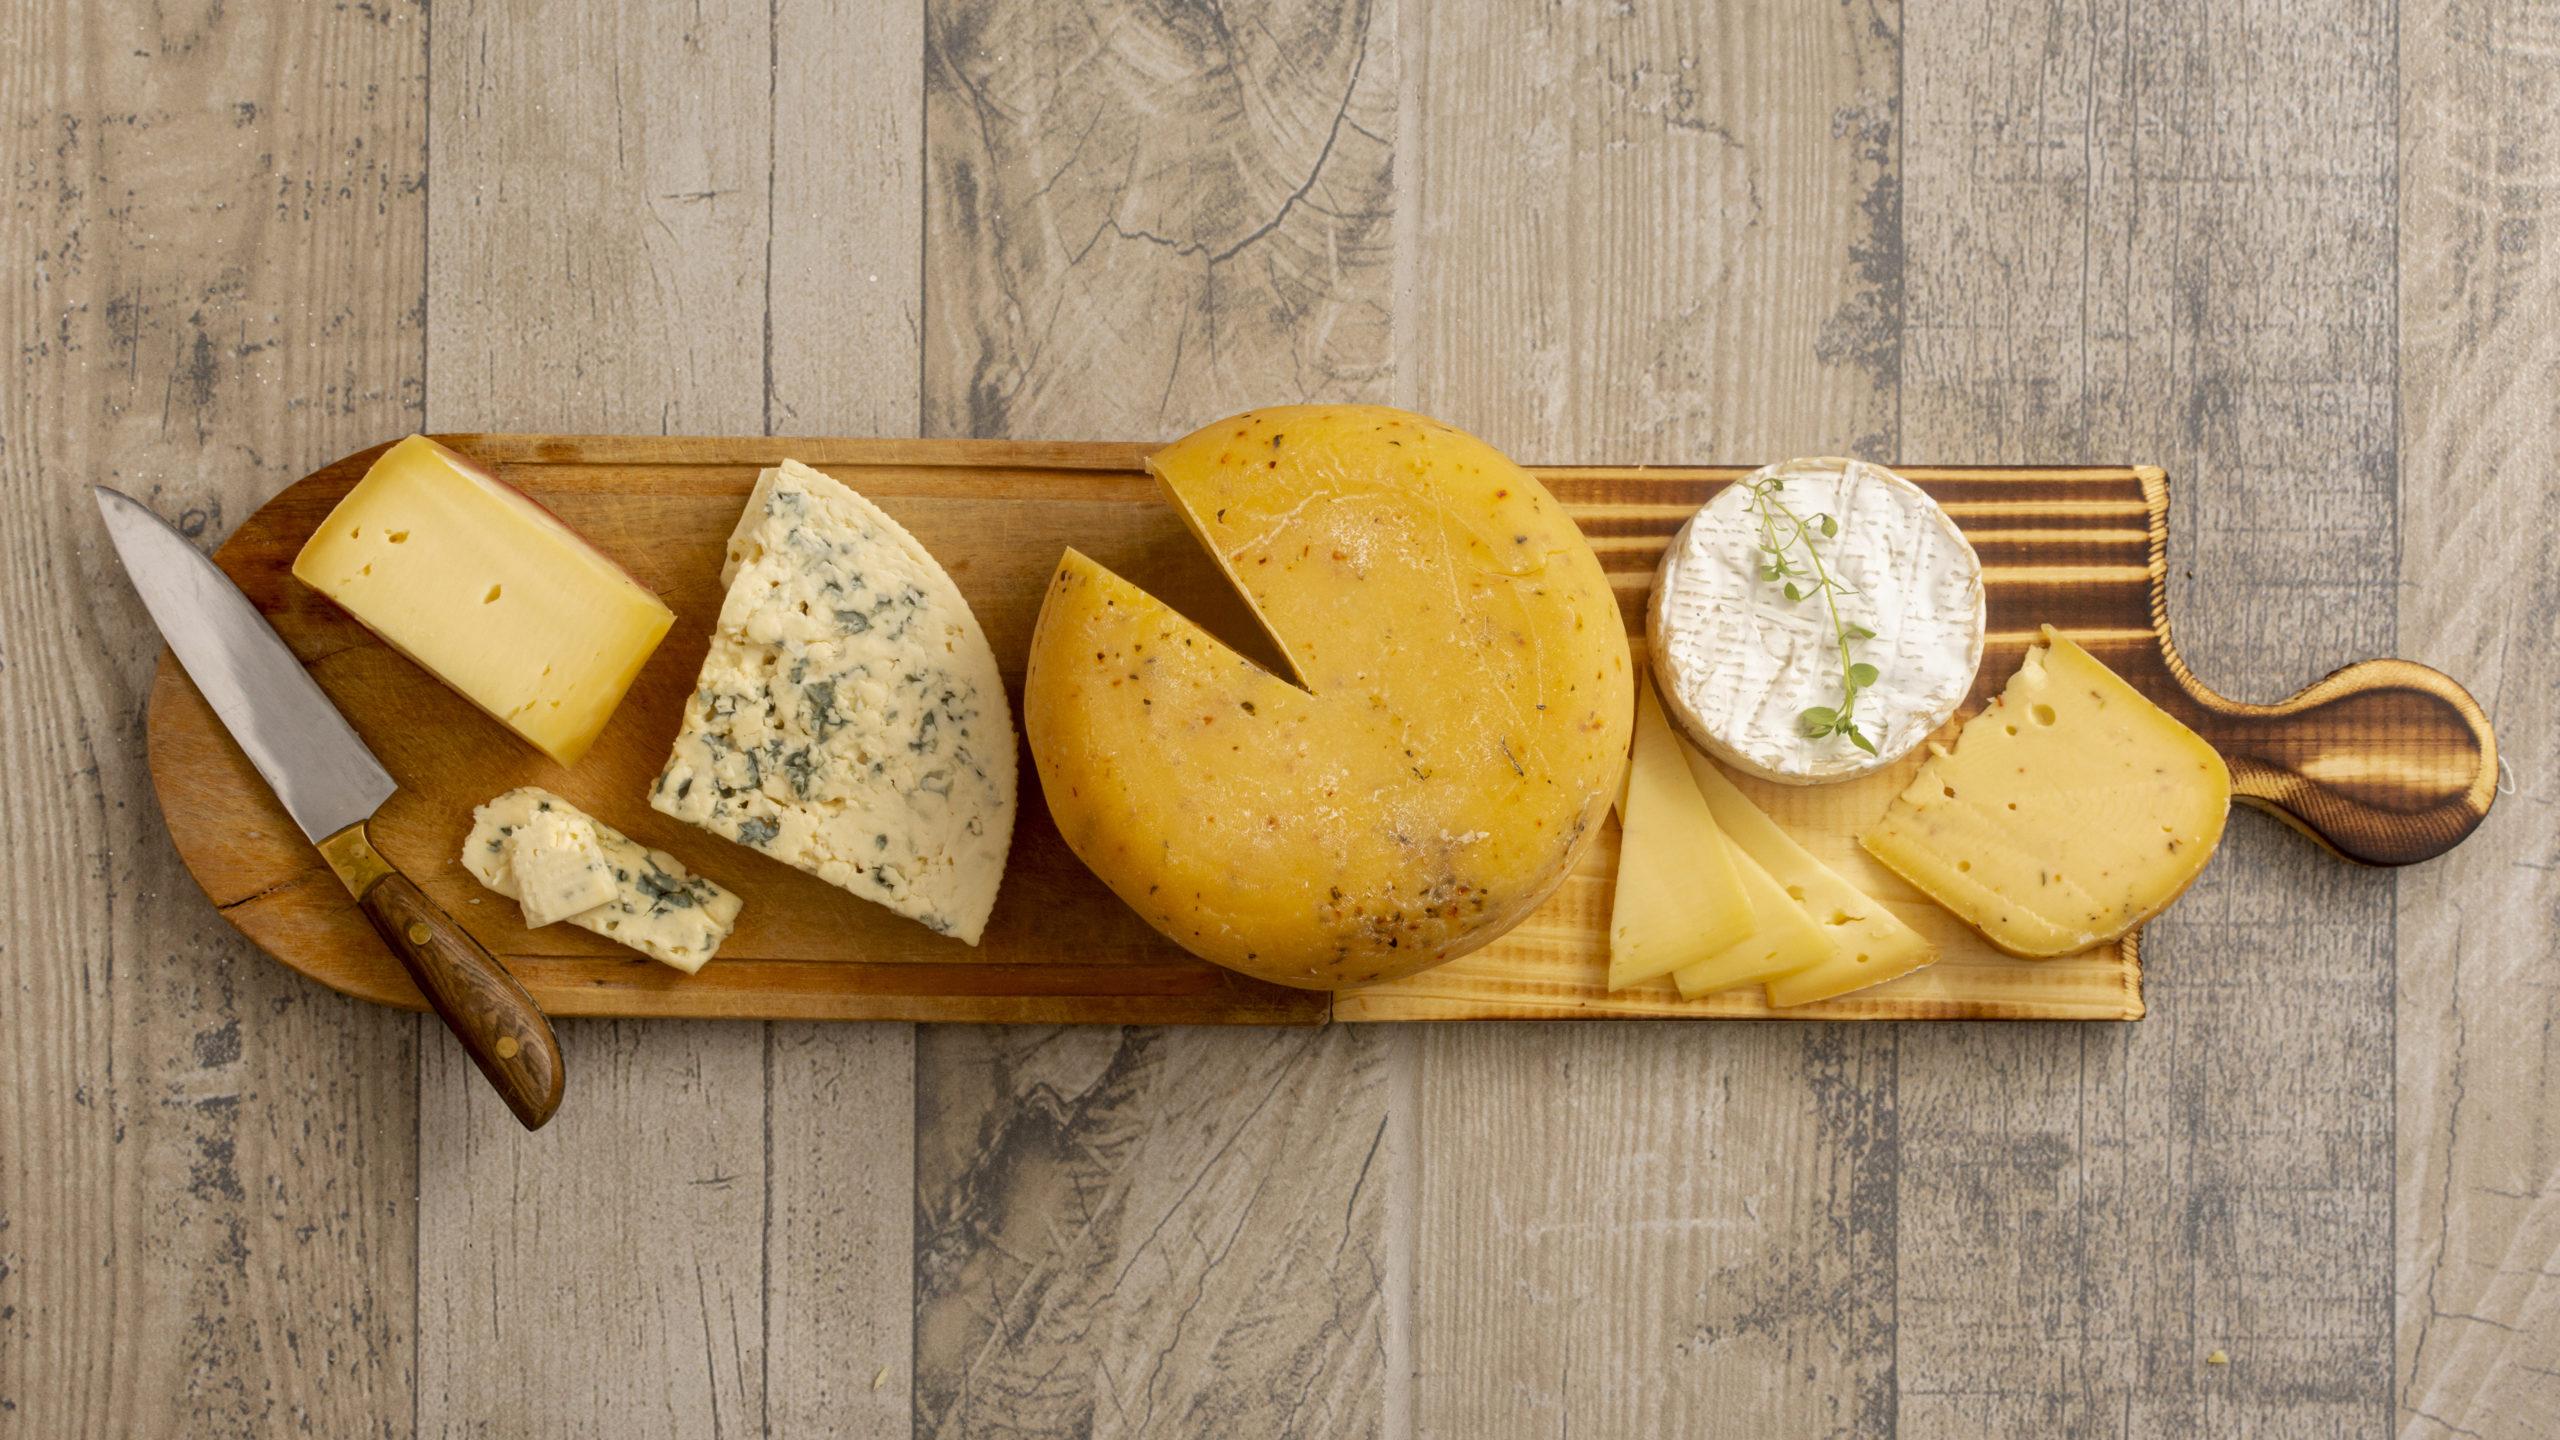 Cașcavaluri maturate și brânză sărată